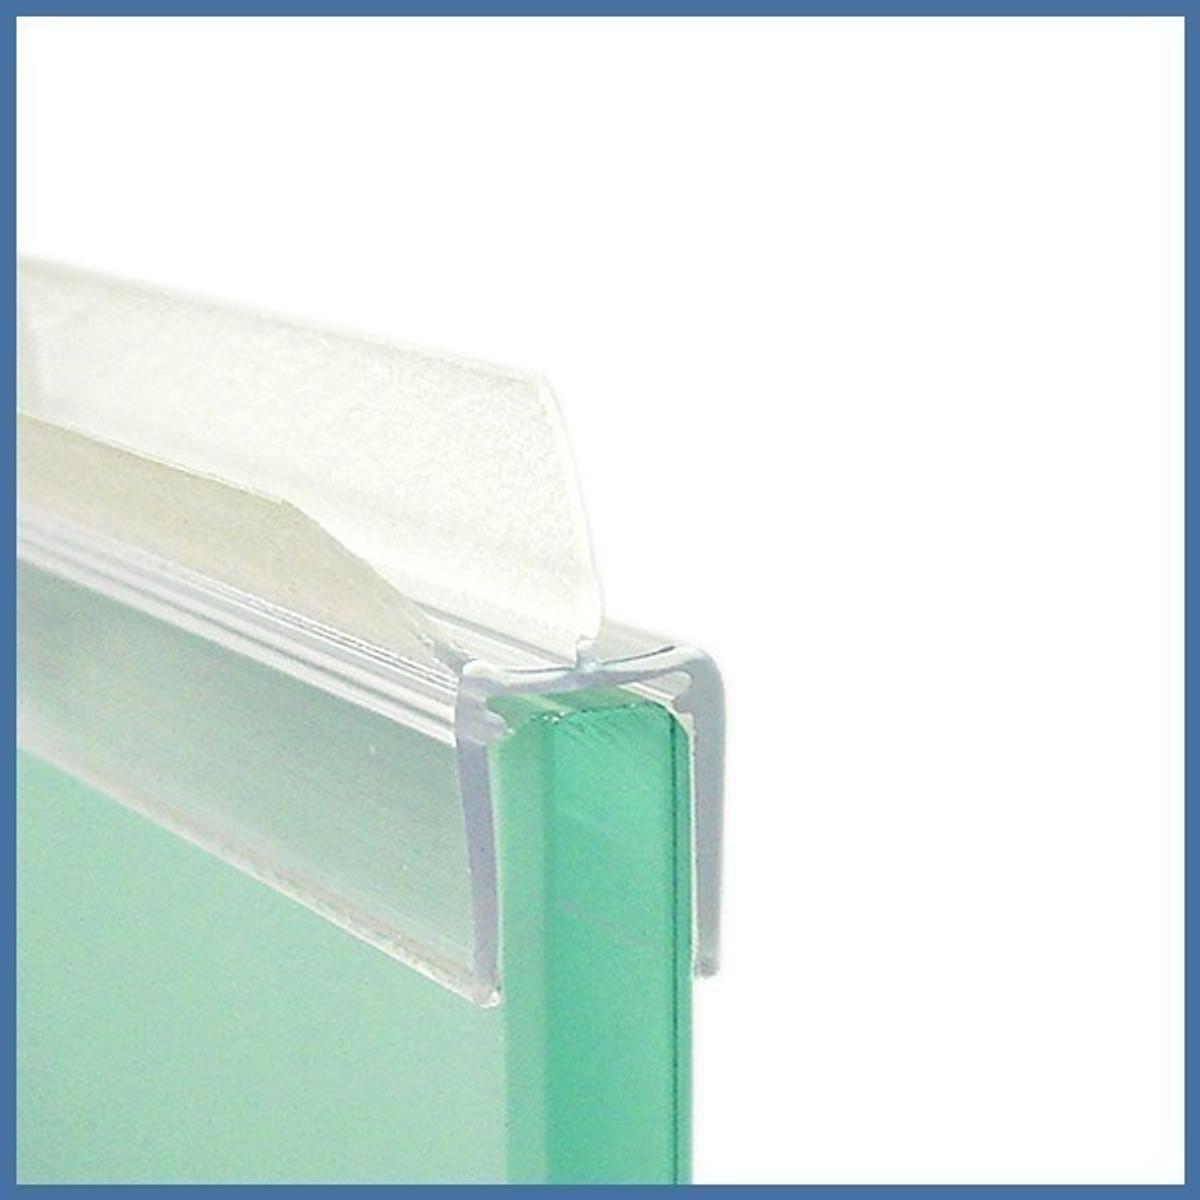 wasserabweisprofil f r 6 8mm glas duschen 1000mm profile dichtungen 501204510. Black Bedroom Furniture Sets. Home Design Ideas